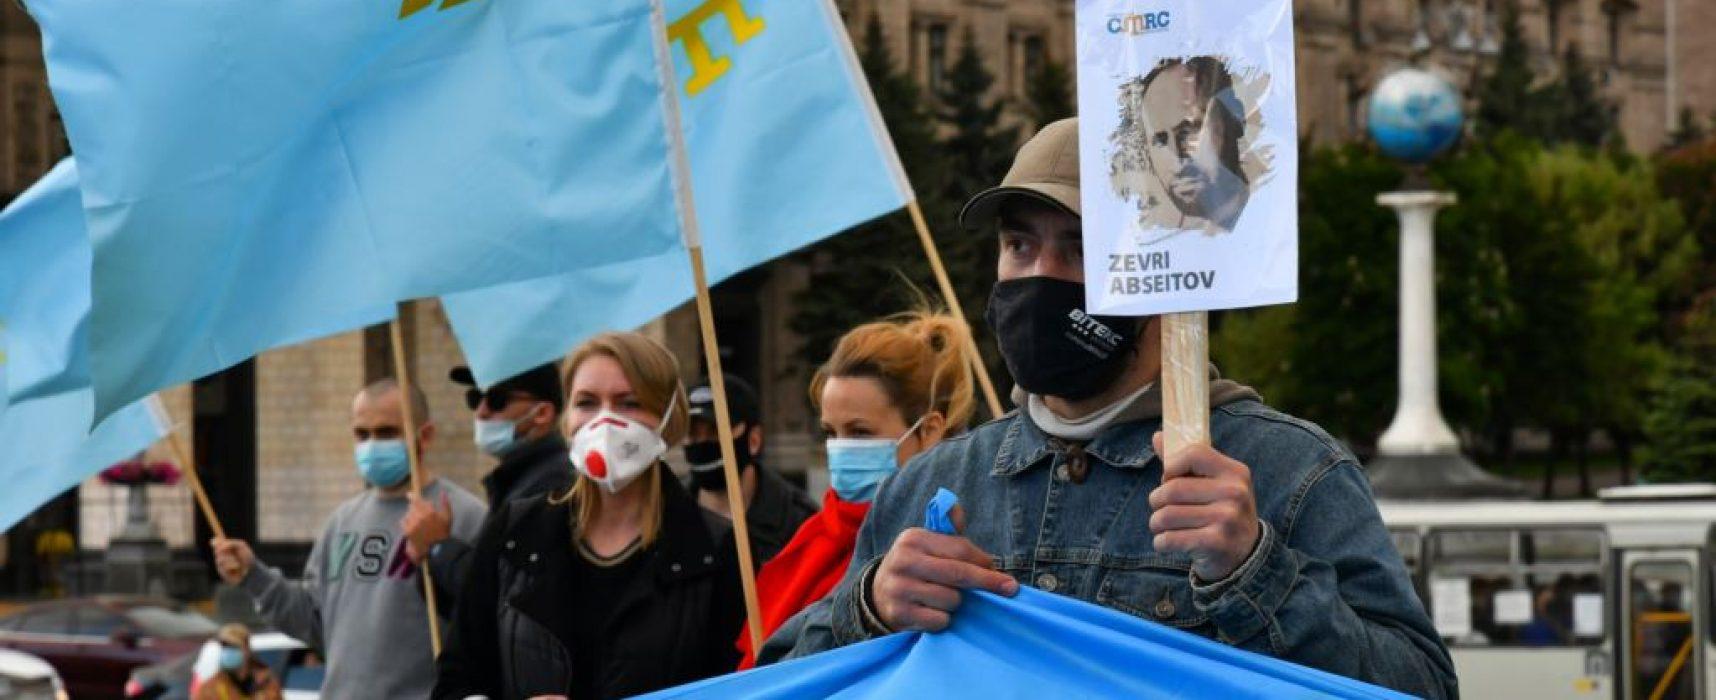 Россия неправомерно присваивает заслуги Кирилла и Мефодия по созданию славянской письменности